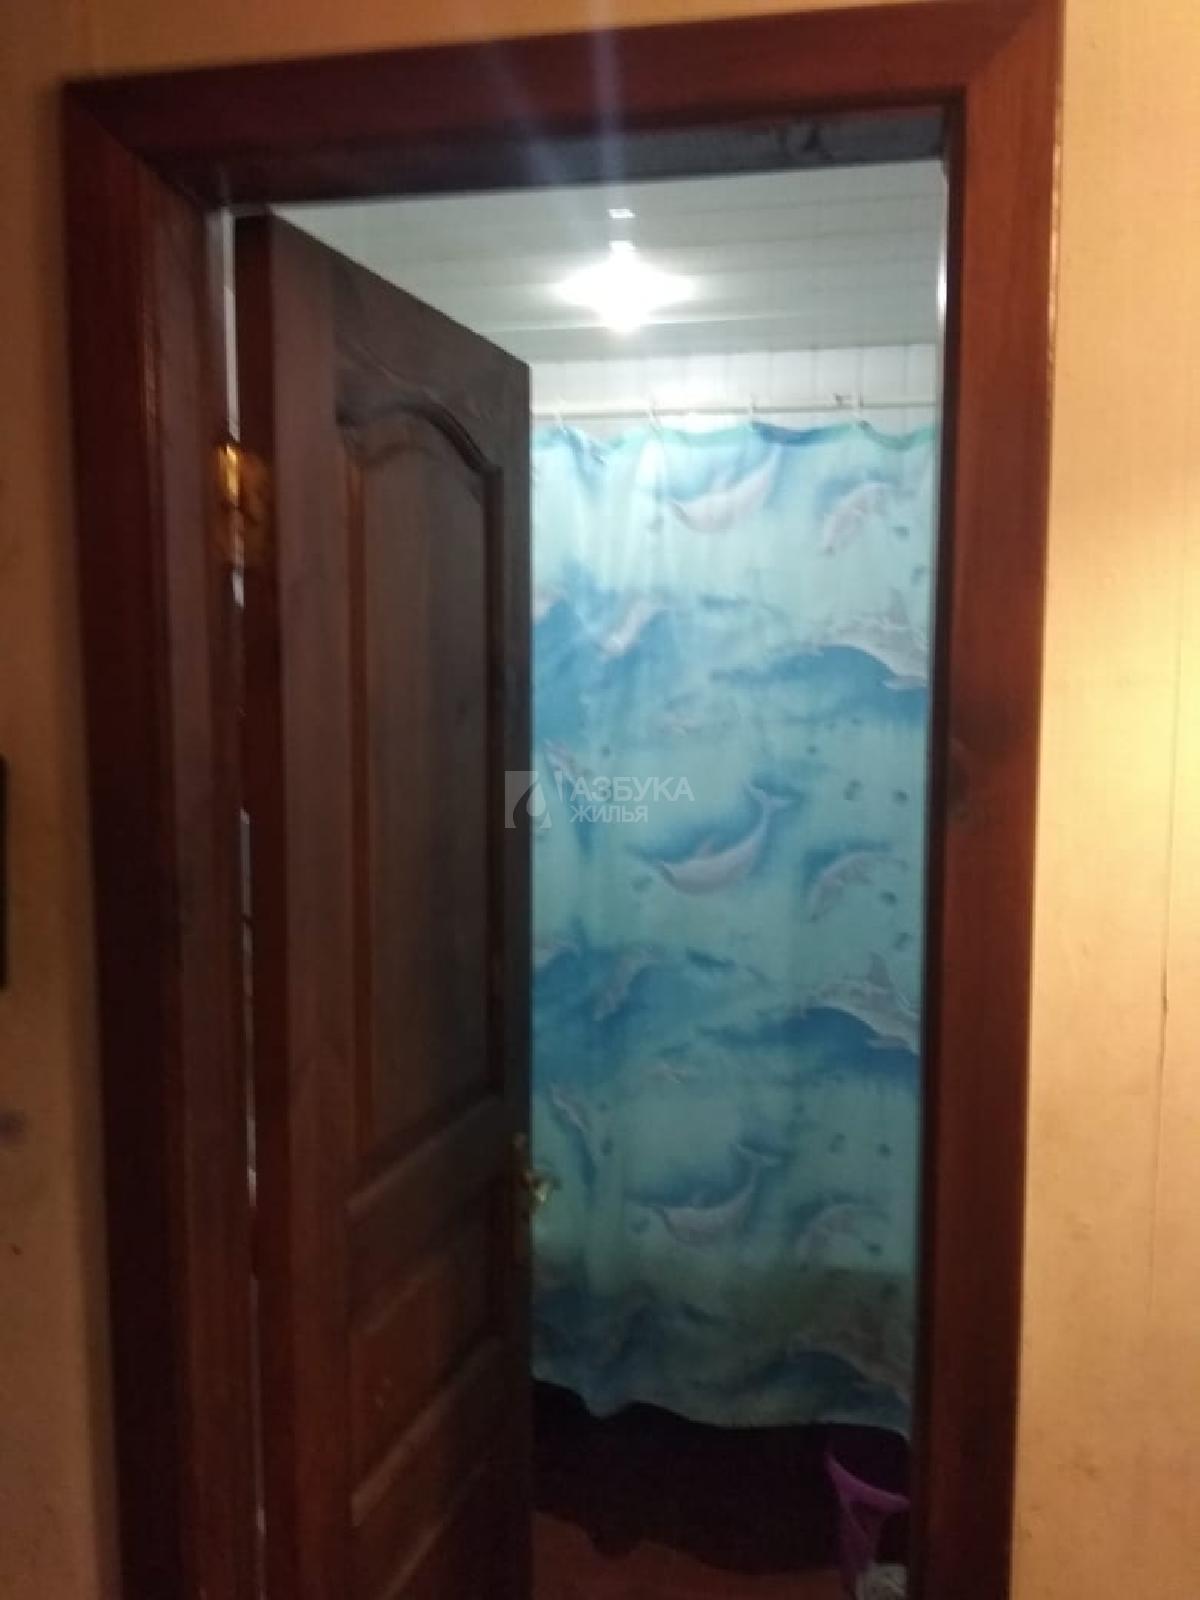 Фото №11 - 3-комнатная квартира, Тарасовка, Пожидаева улица 13 А